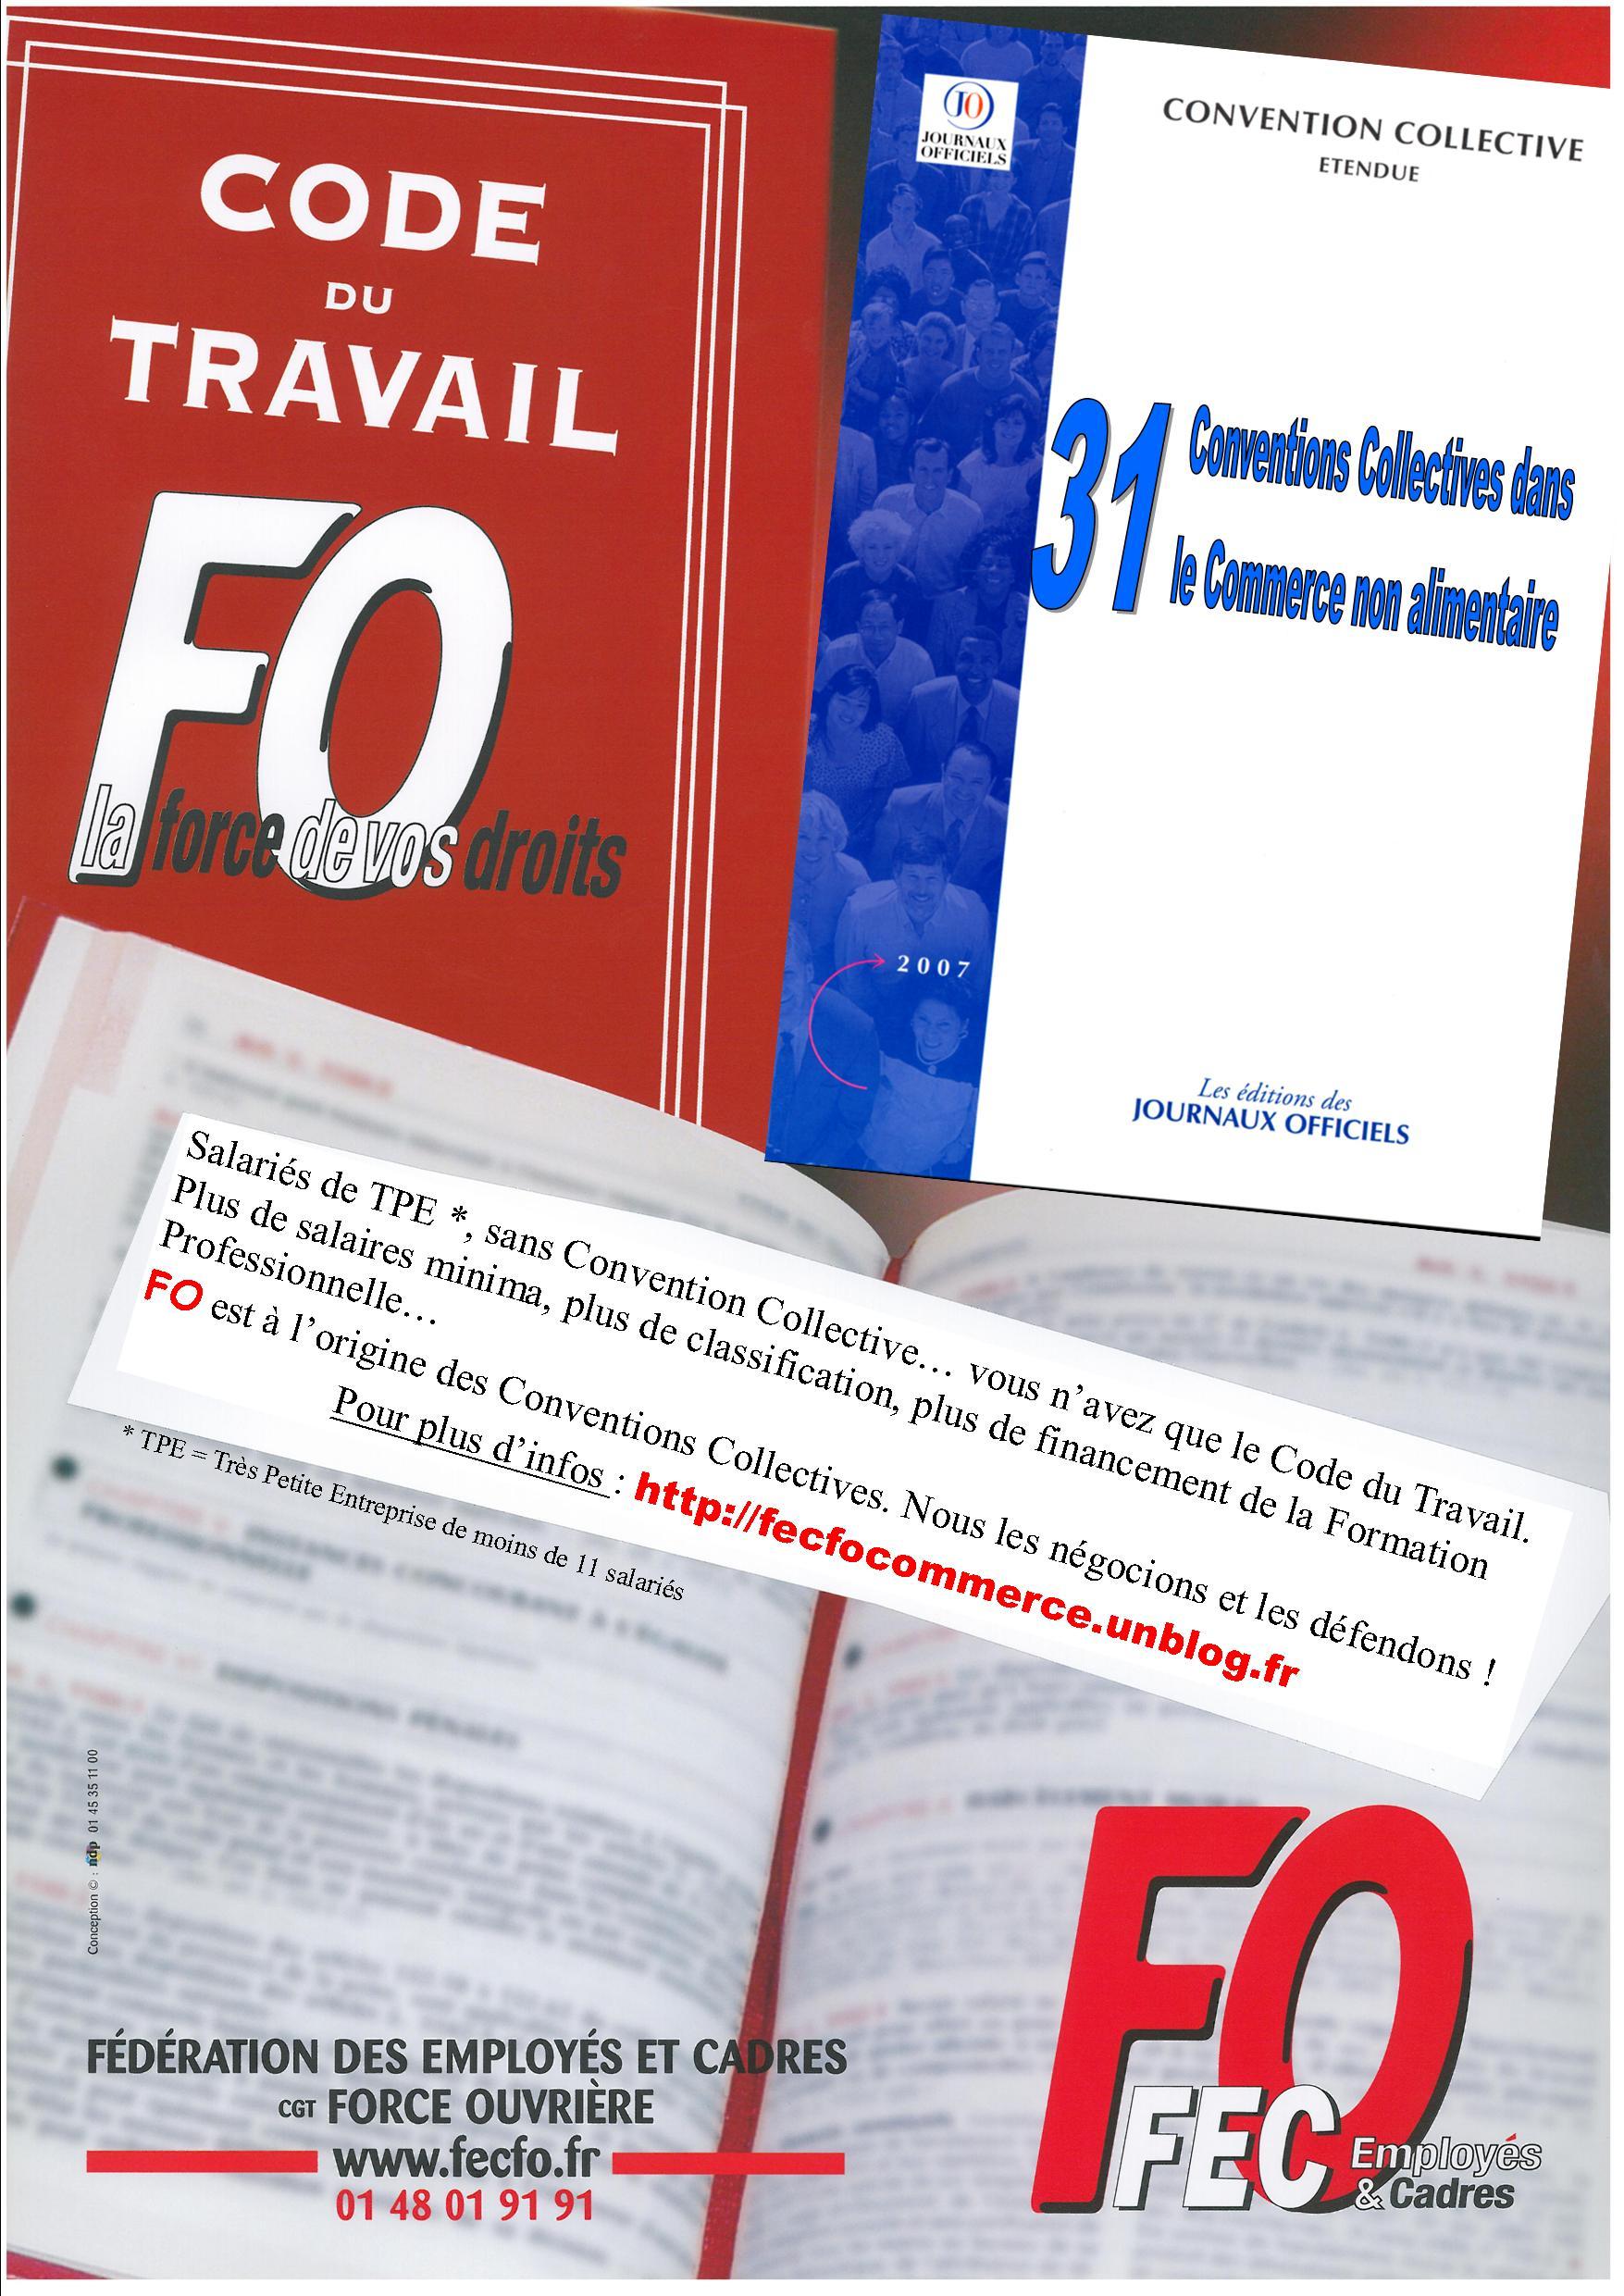 Troc Cri Juritravail  3082. Grands magasins et magasins populaires Convention